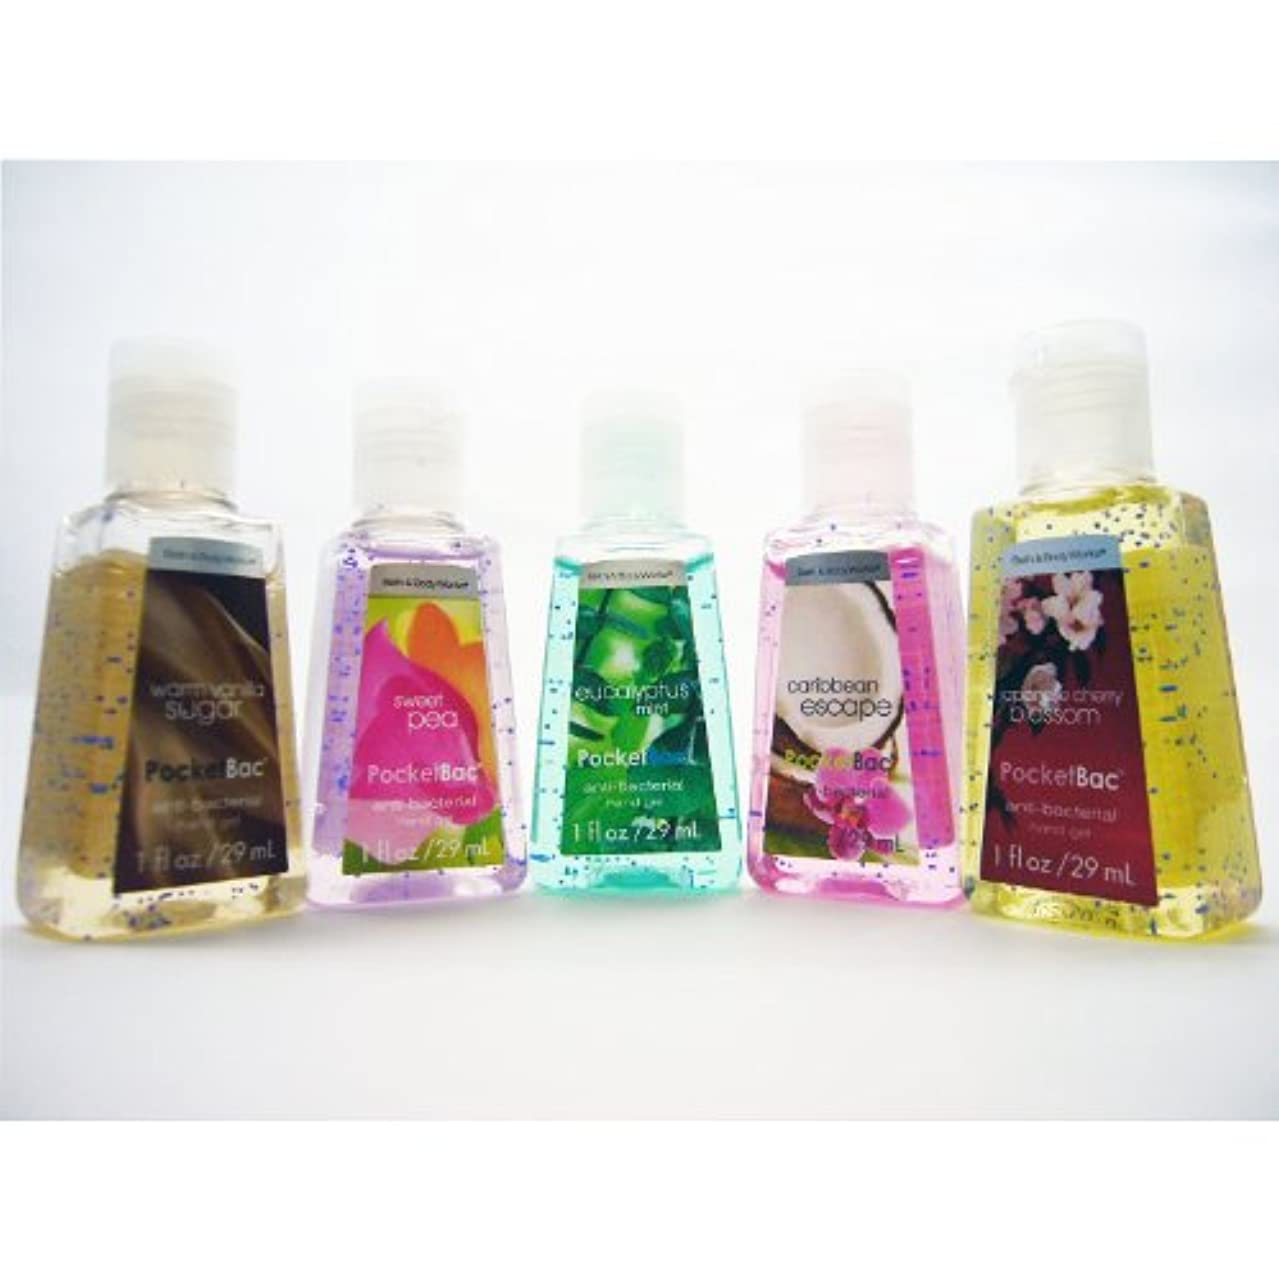 平らにする軌道乳剤水の使えないところで手を洗える消毒ジェル Bath & Body Worksアンチバクテリアハンドジェルとホルダー1個付(並行輸入品)